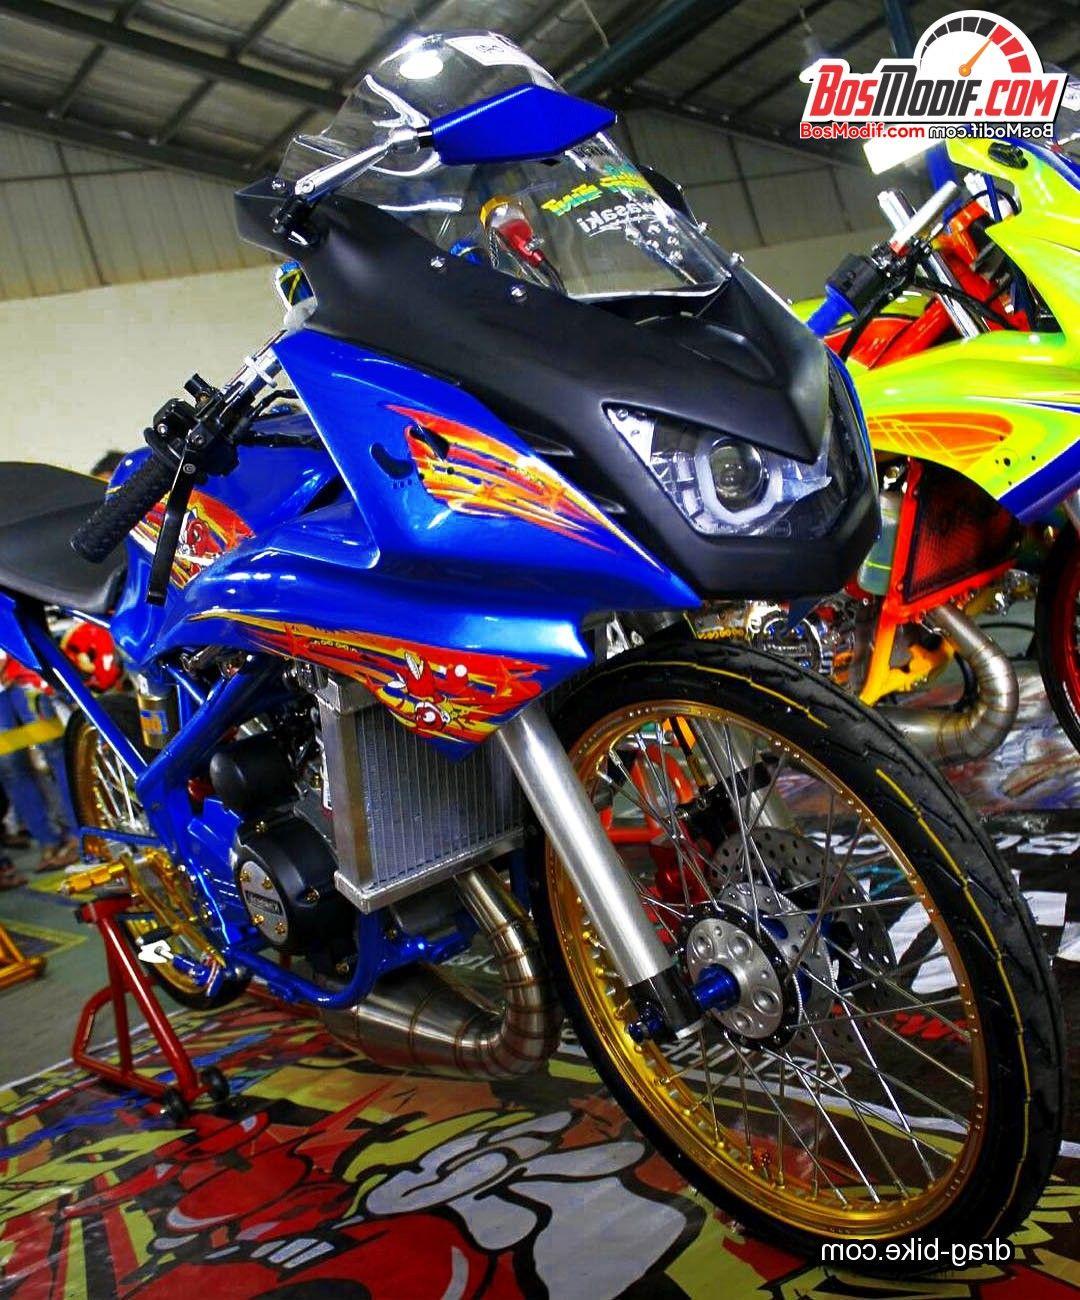 99 Gambar Motor Ninja 4 Tak Jari Terlengkap Obeng 55 Foto